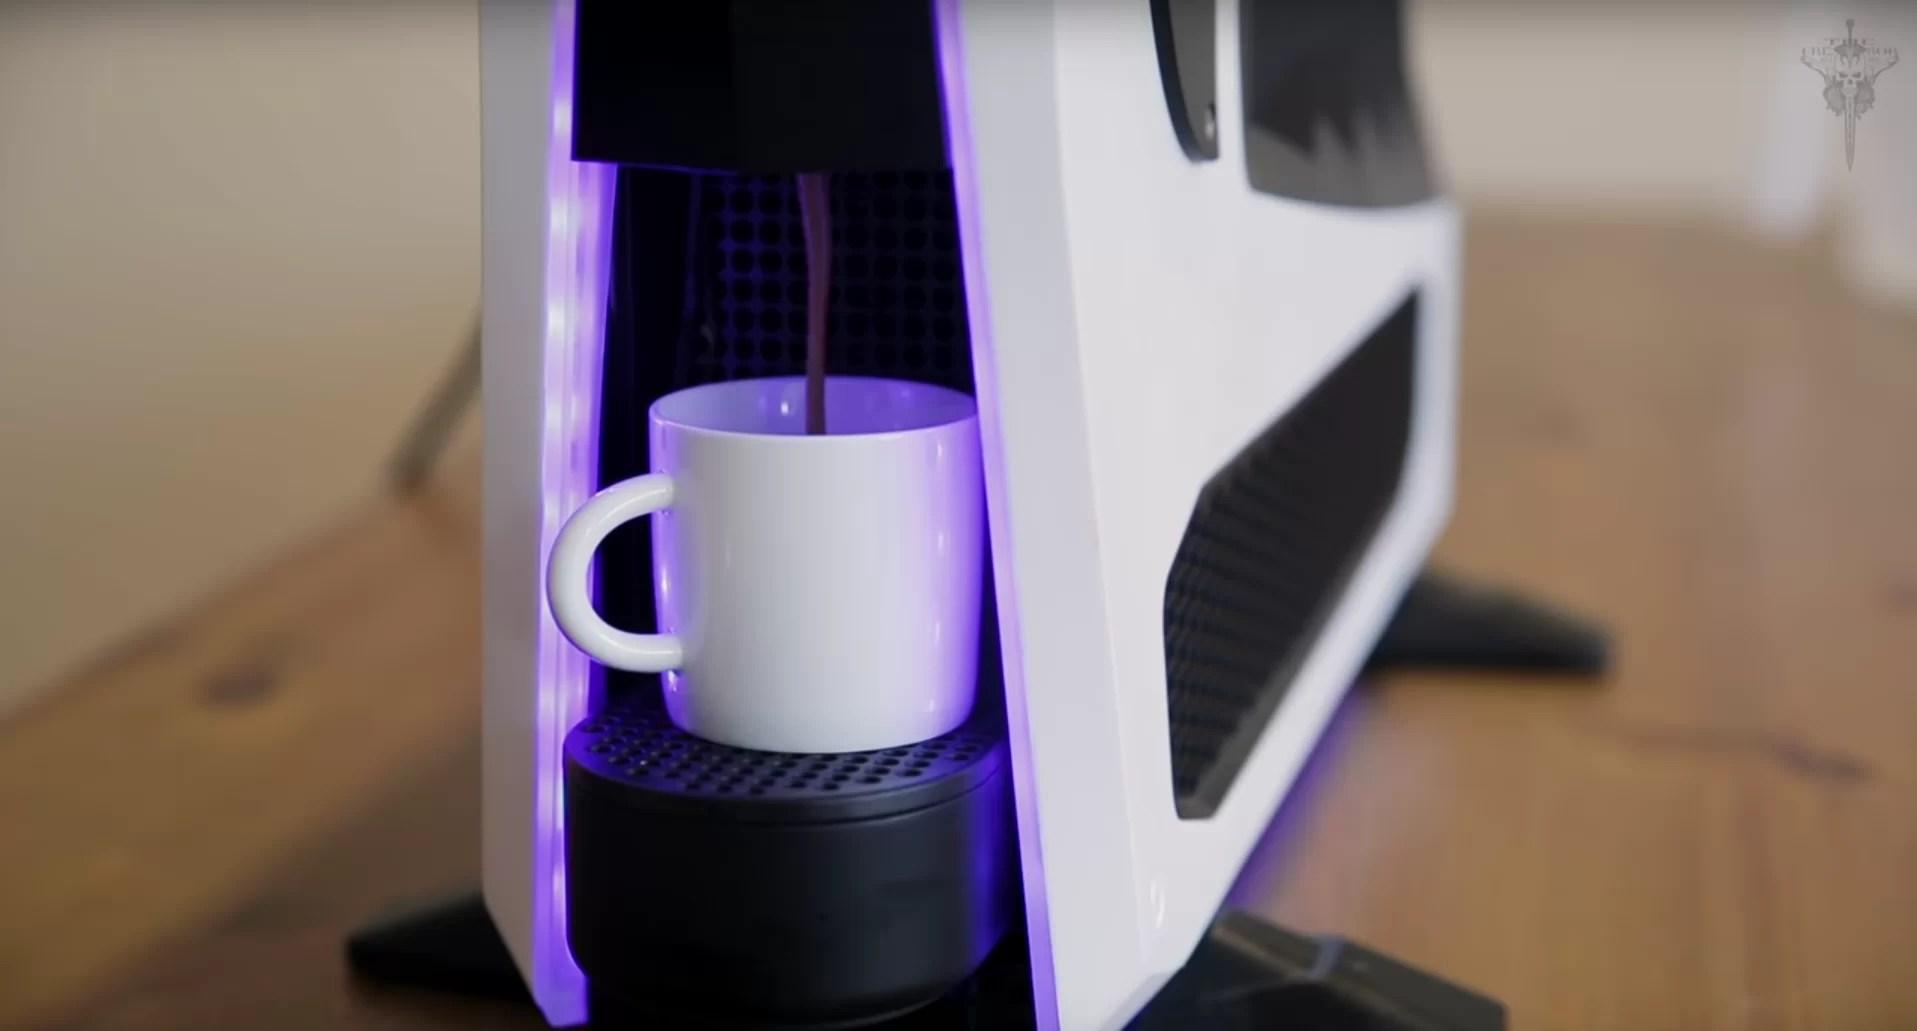 mekpresso - il computer che fa il caffè di zotac